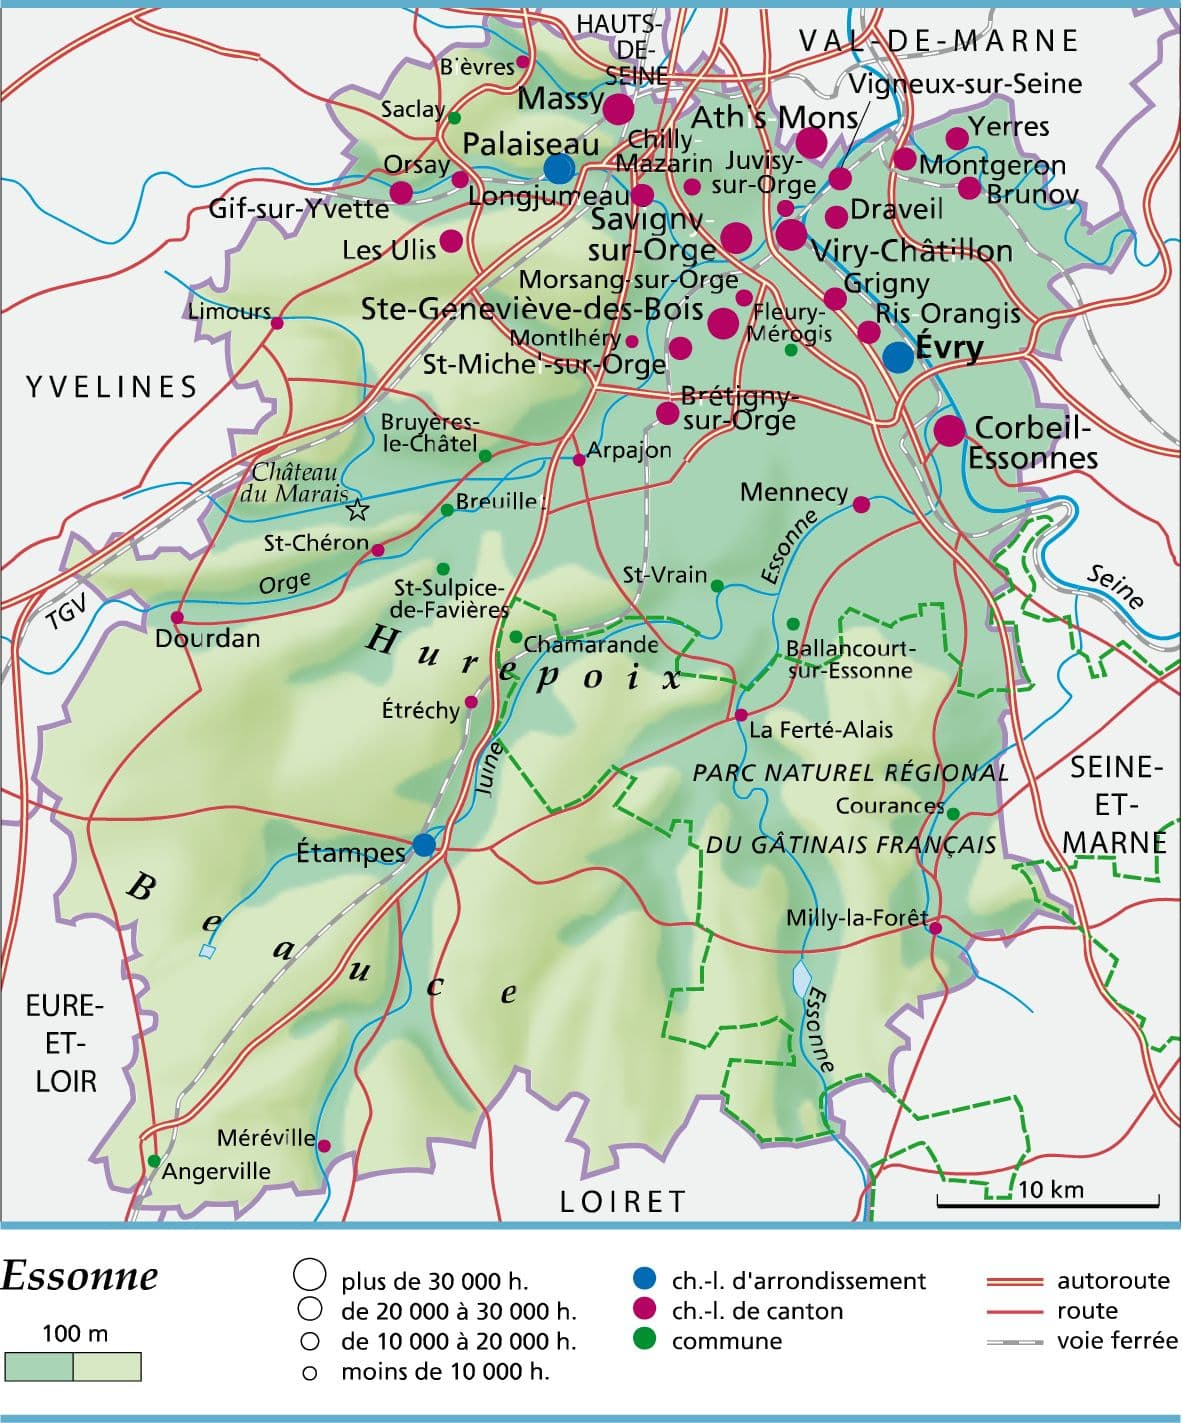 Carte Essonne Pdf.Encyclopedie Larousse En Ligne Essonne